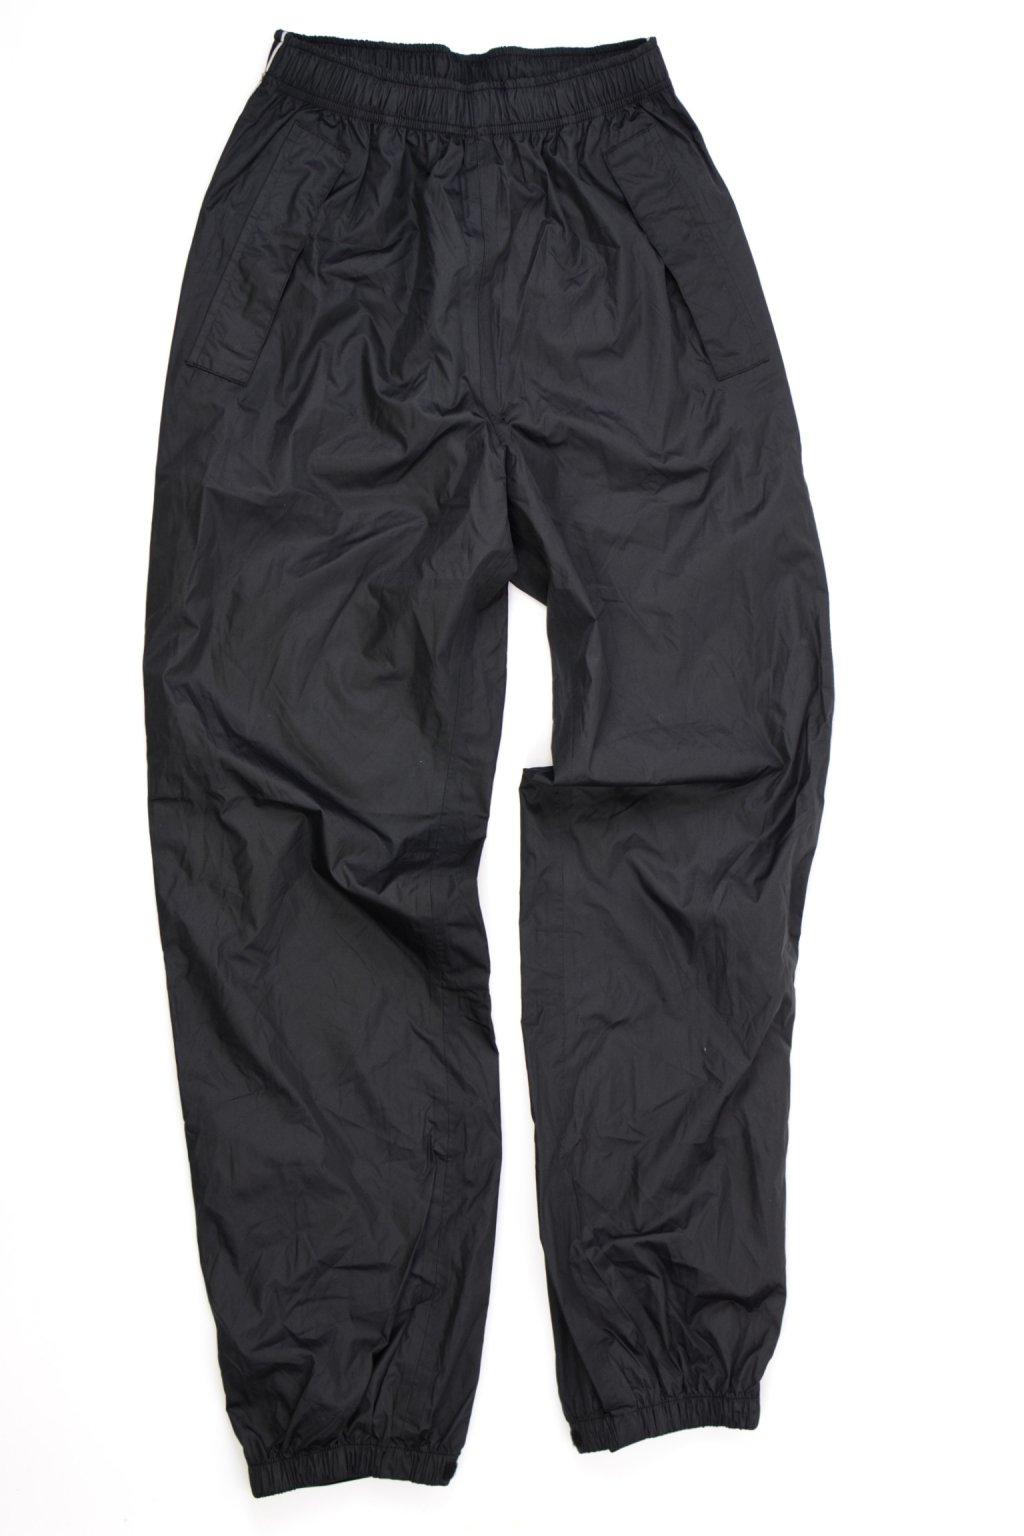 Kalhoty do deště vel S 36/38 černé s reflex prvky @1